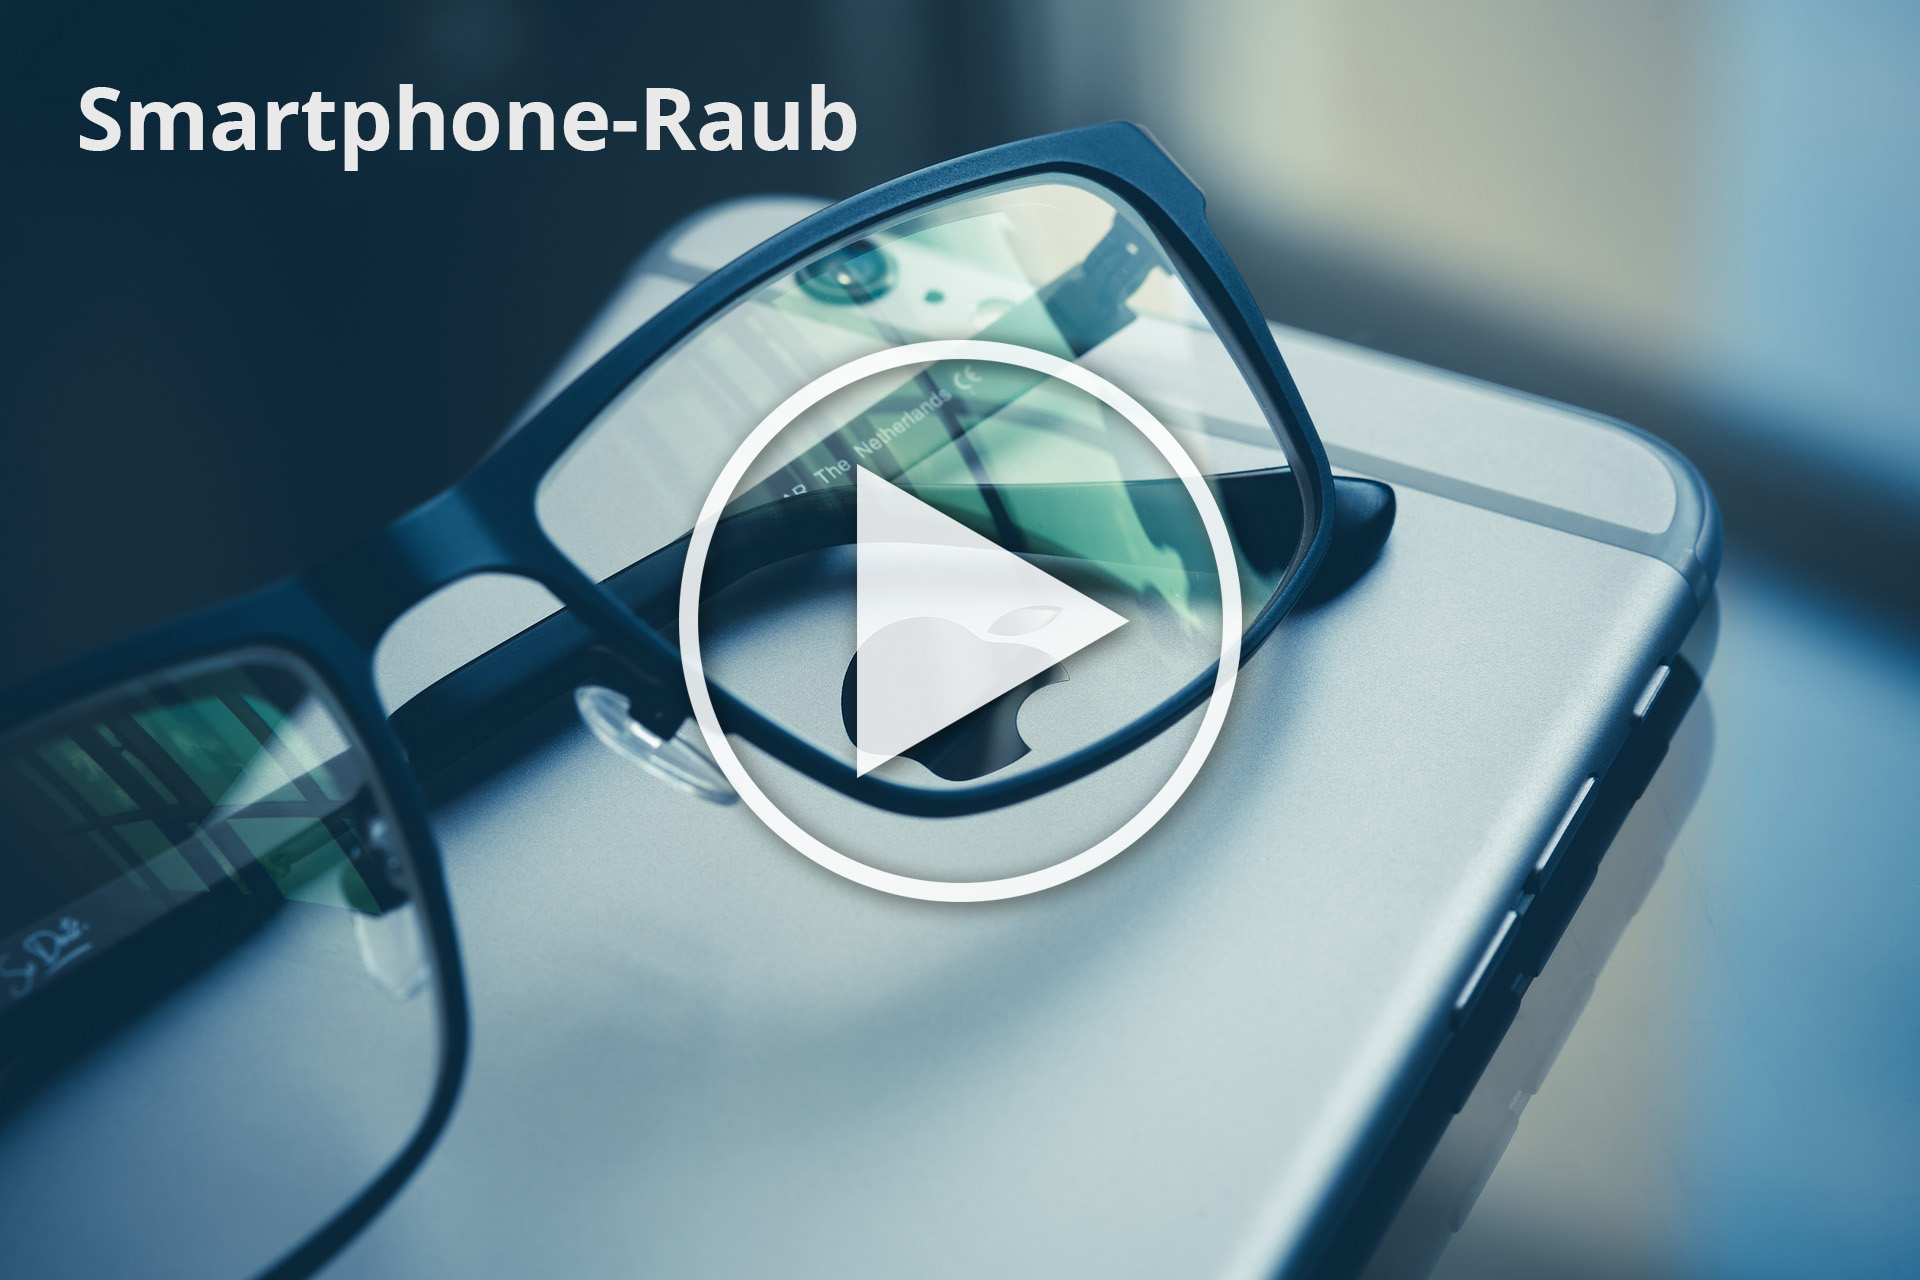 """Beitragsbild zum Film """"Smartphonedieb als Filmprojekt"""" - Handy und Brille"""